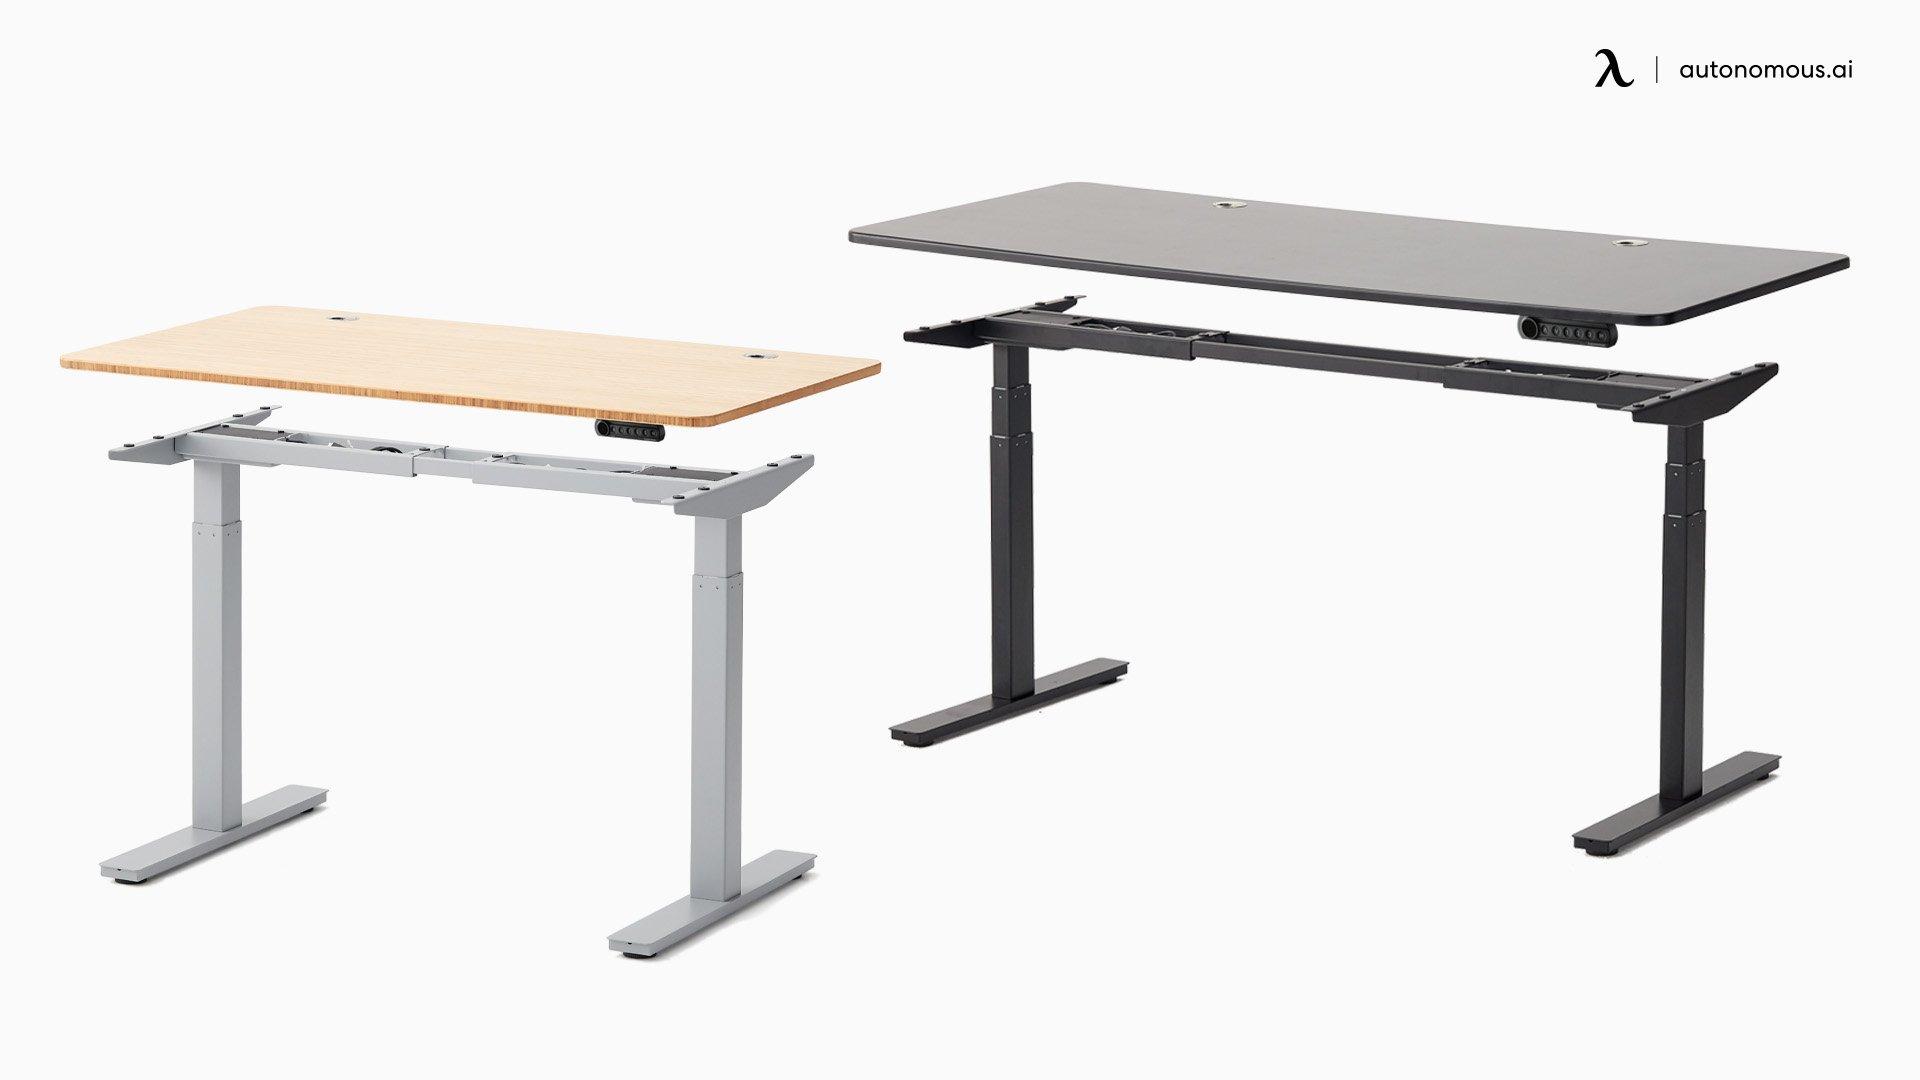 Autonomous DIY Standing Desk Kit